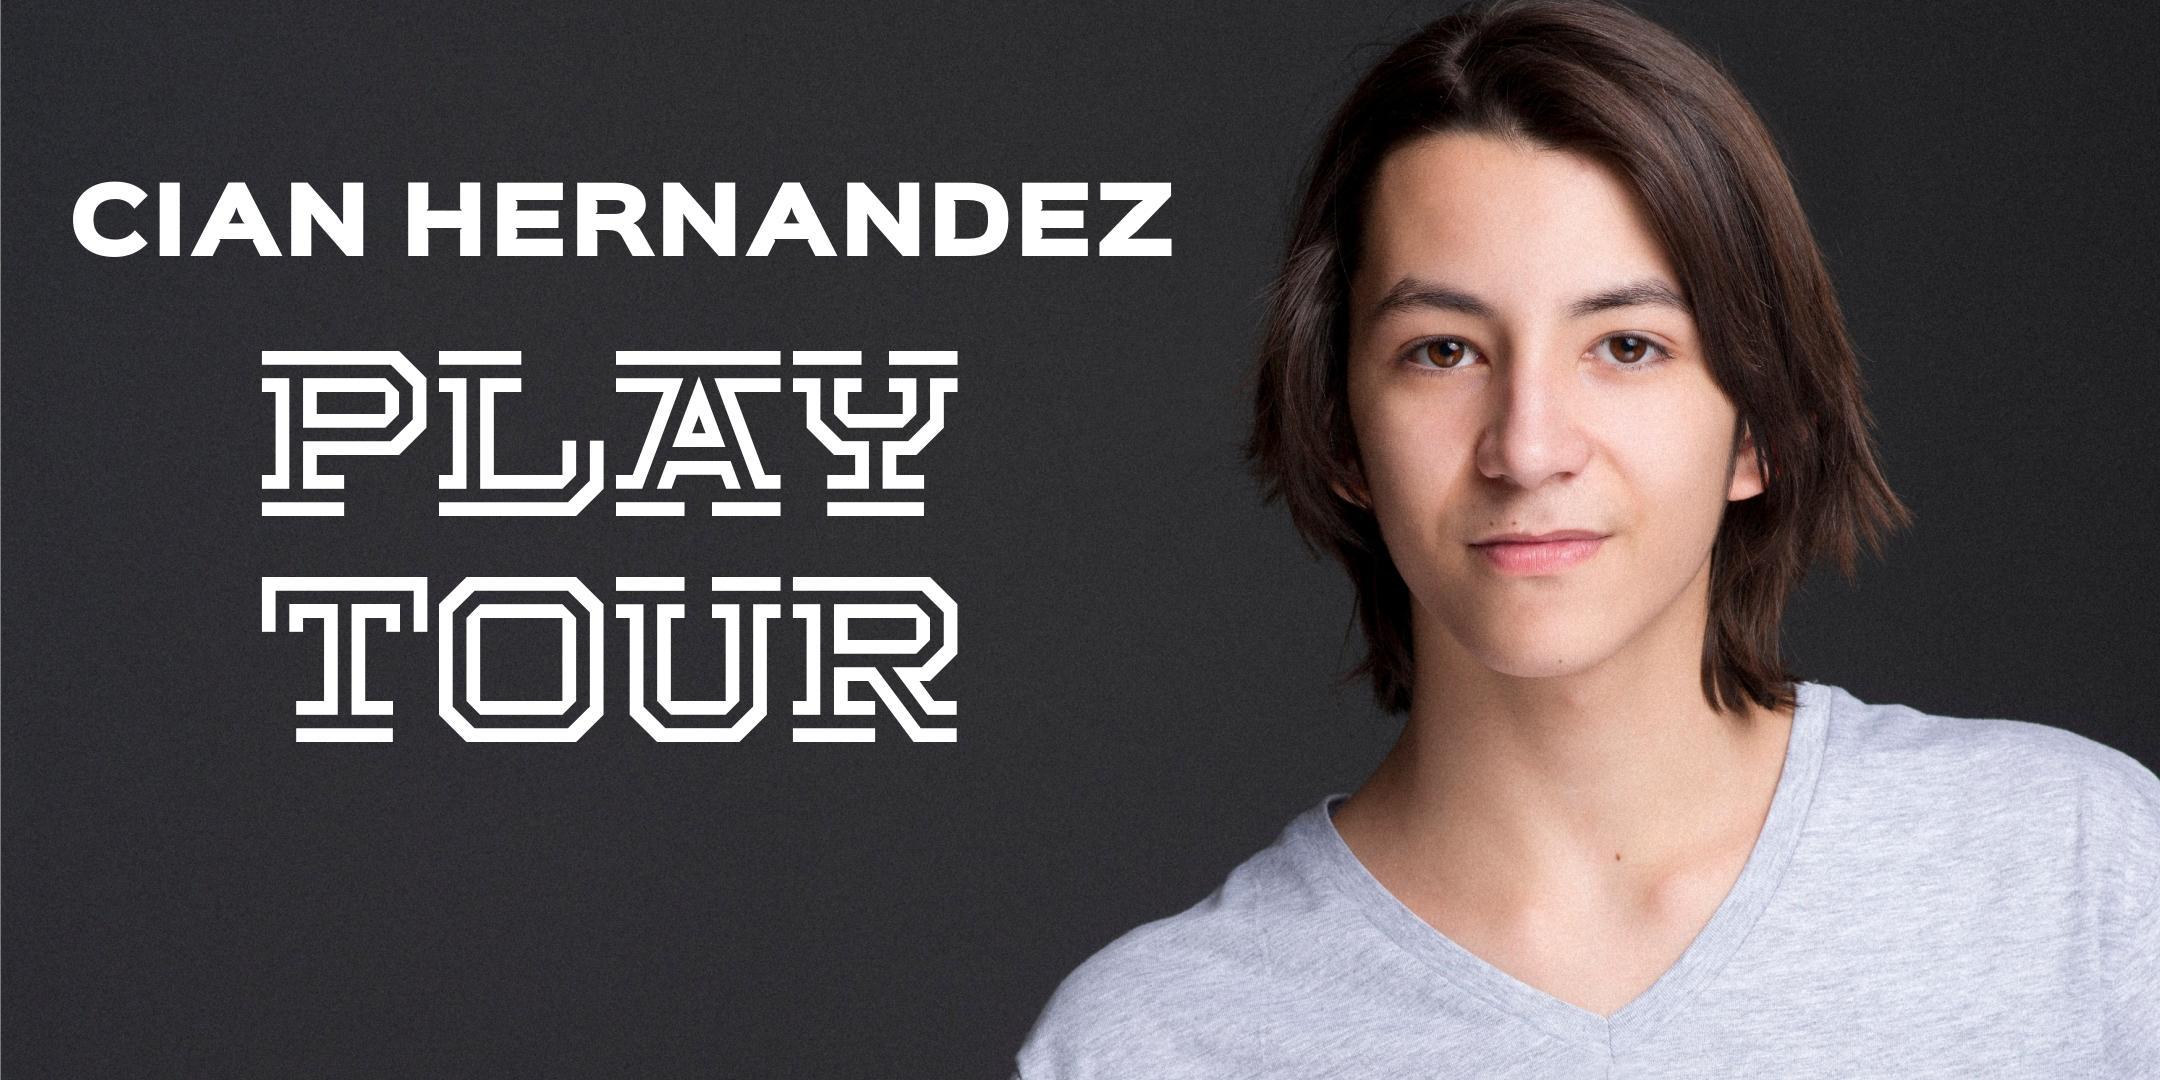 Cian Hernandez: AKELARRE - LA NOCHE DE LAS BRUJAS